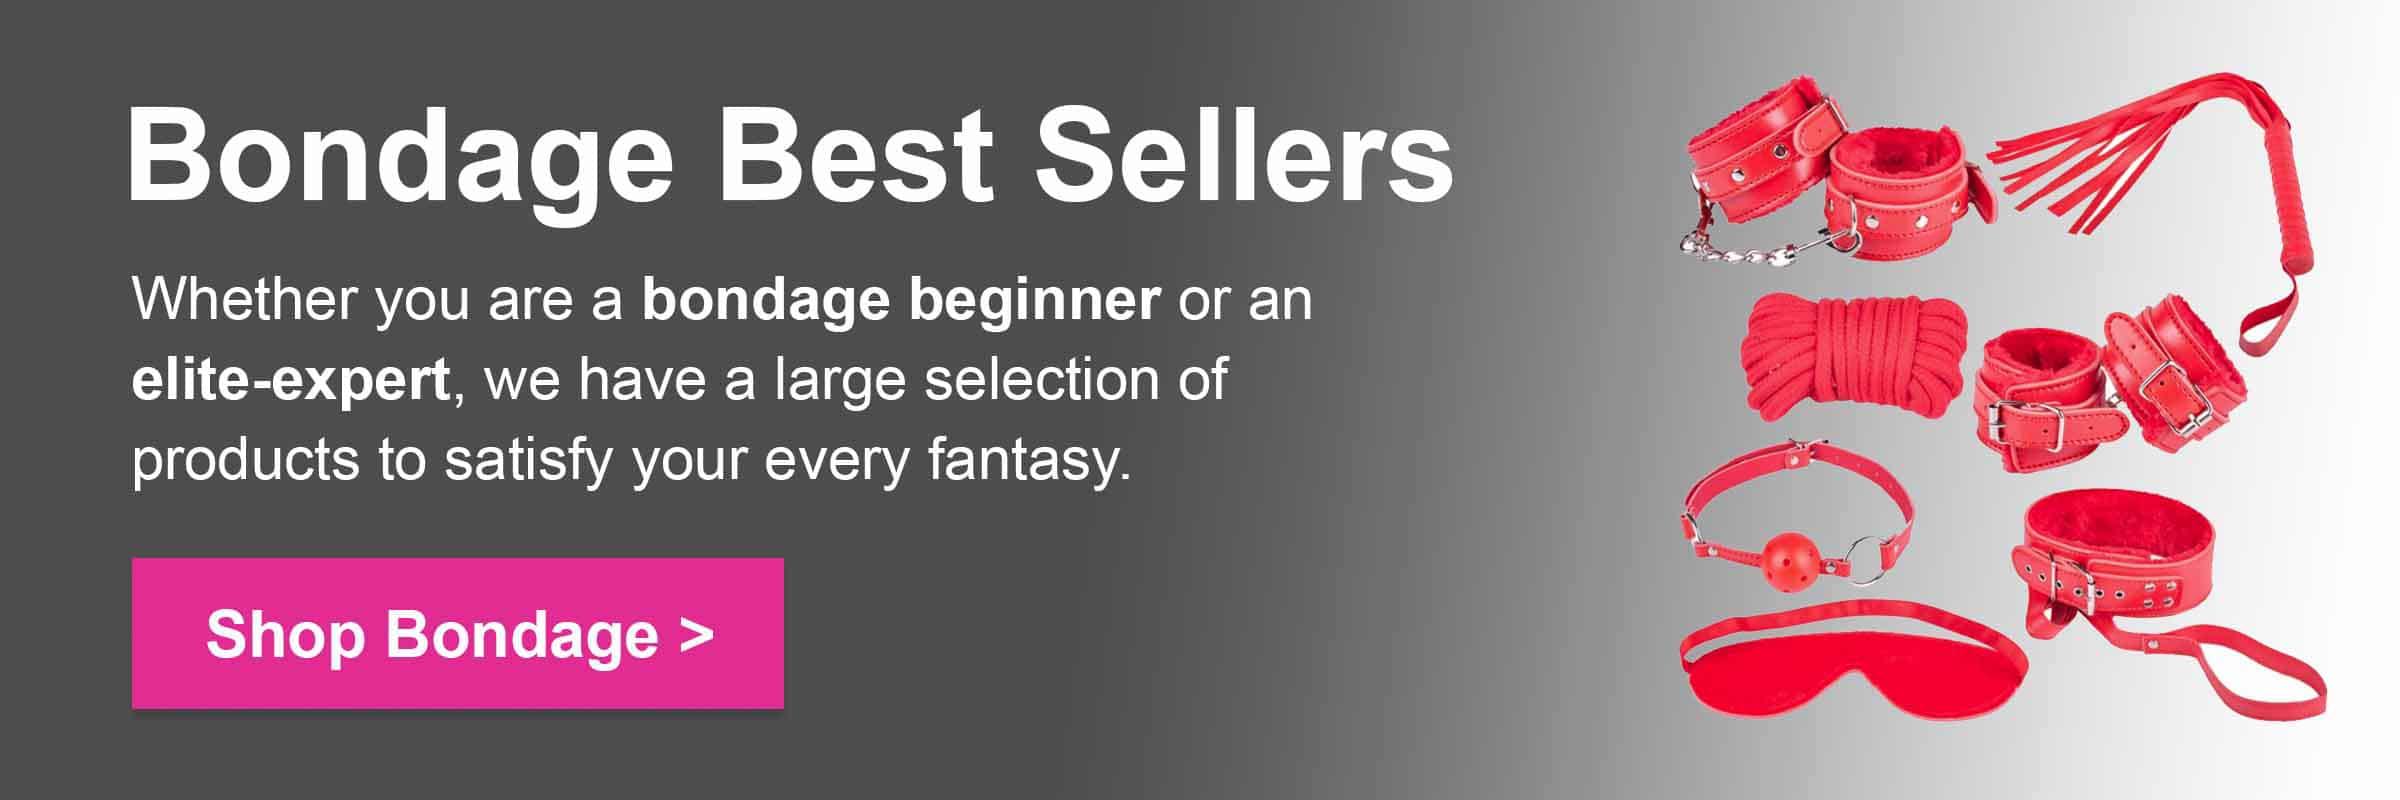 bondage best sellers on pulse and cocktails blog banner